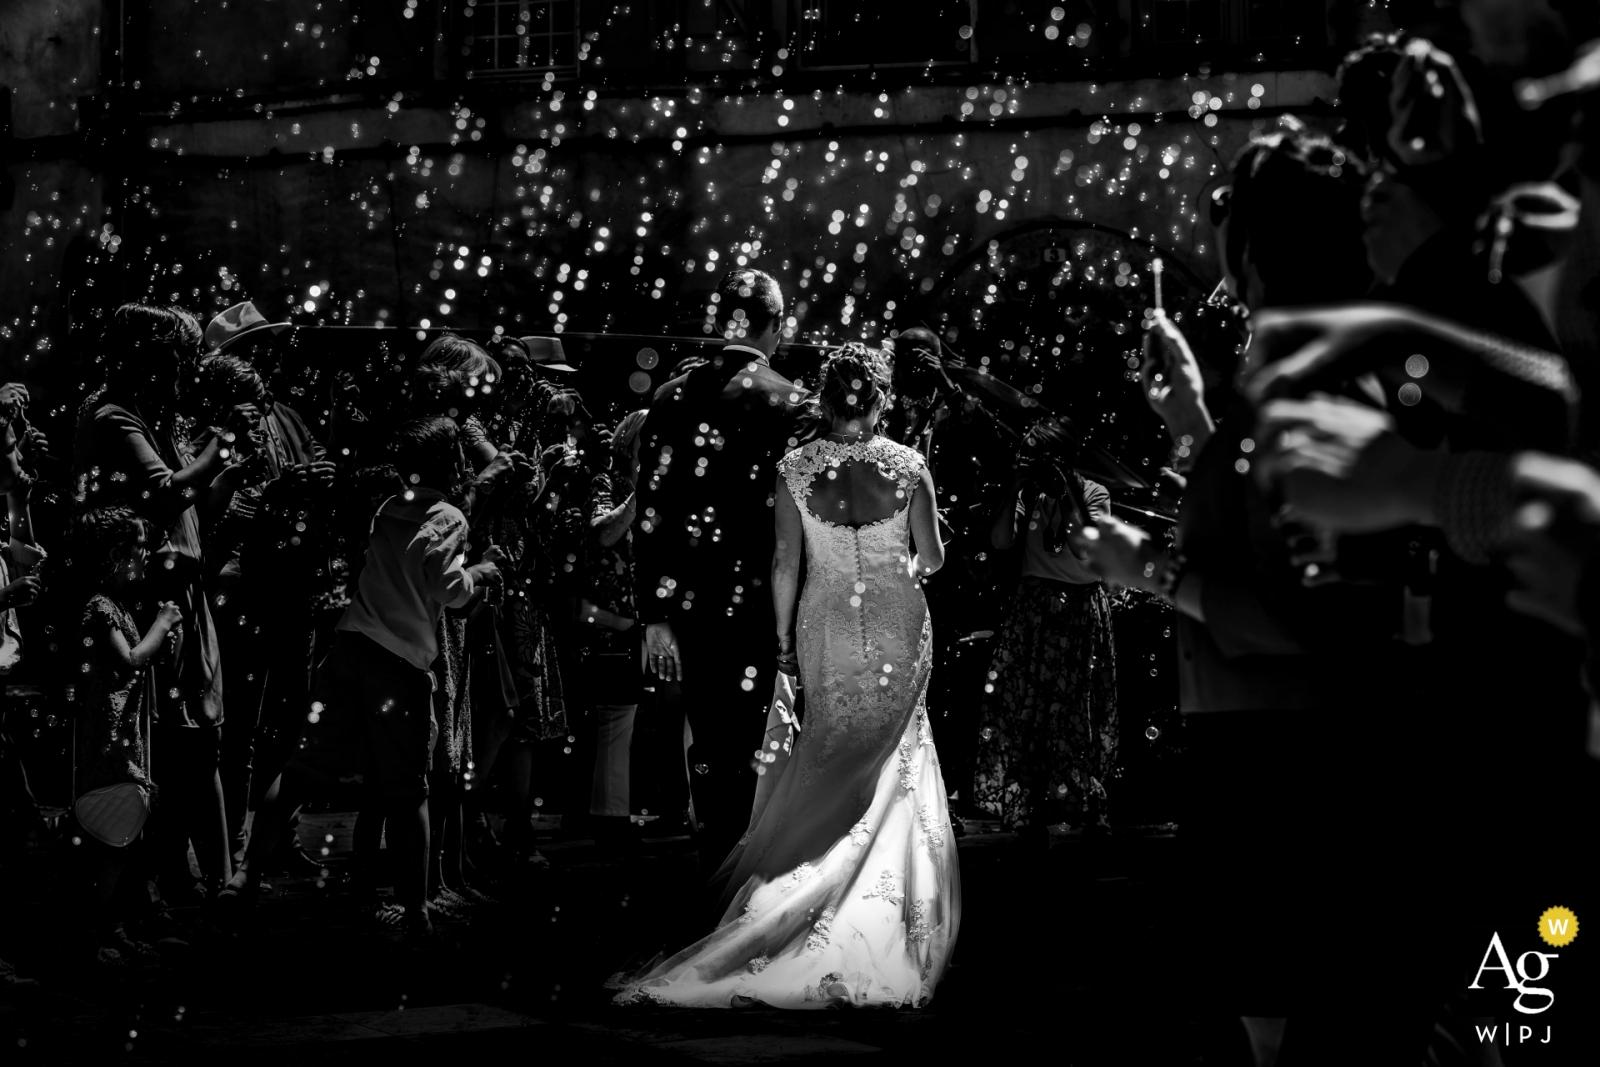 St Antonin-Noble-Val (Frankreich) Hochzeitsfotografie | Gehen Sie außerhalb des Rathauses